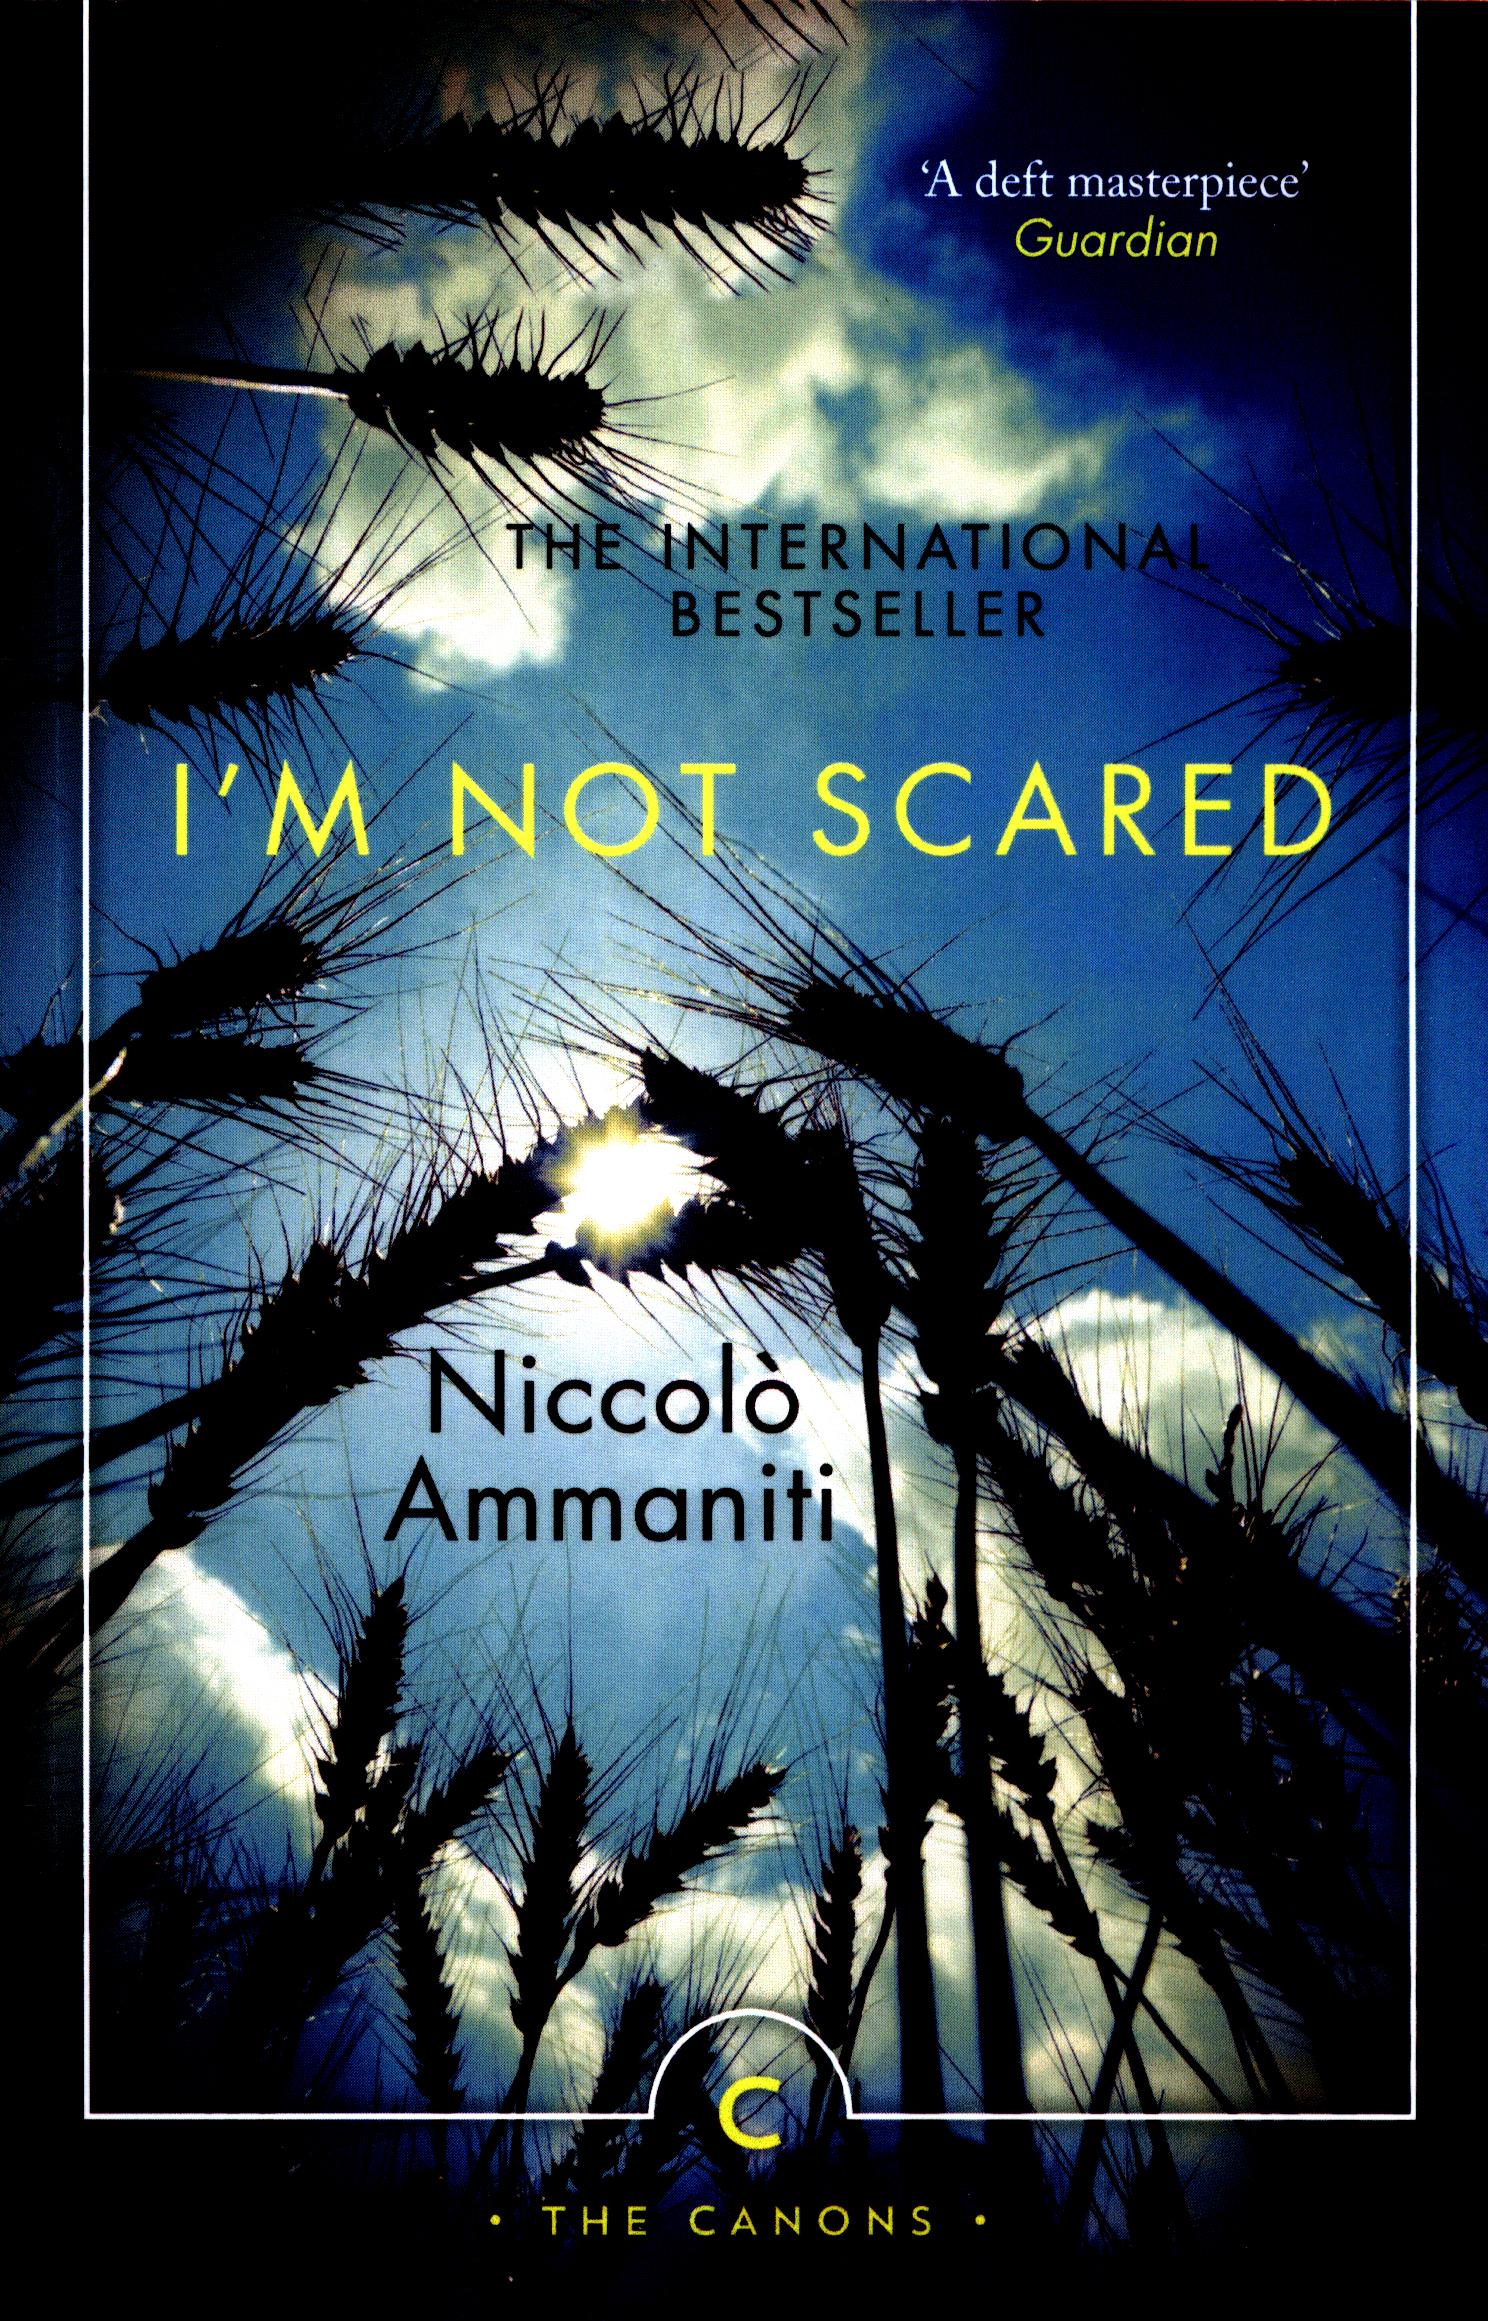 Niccolo Ammaniti's I'm Not Scared